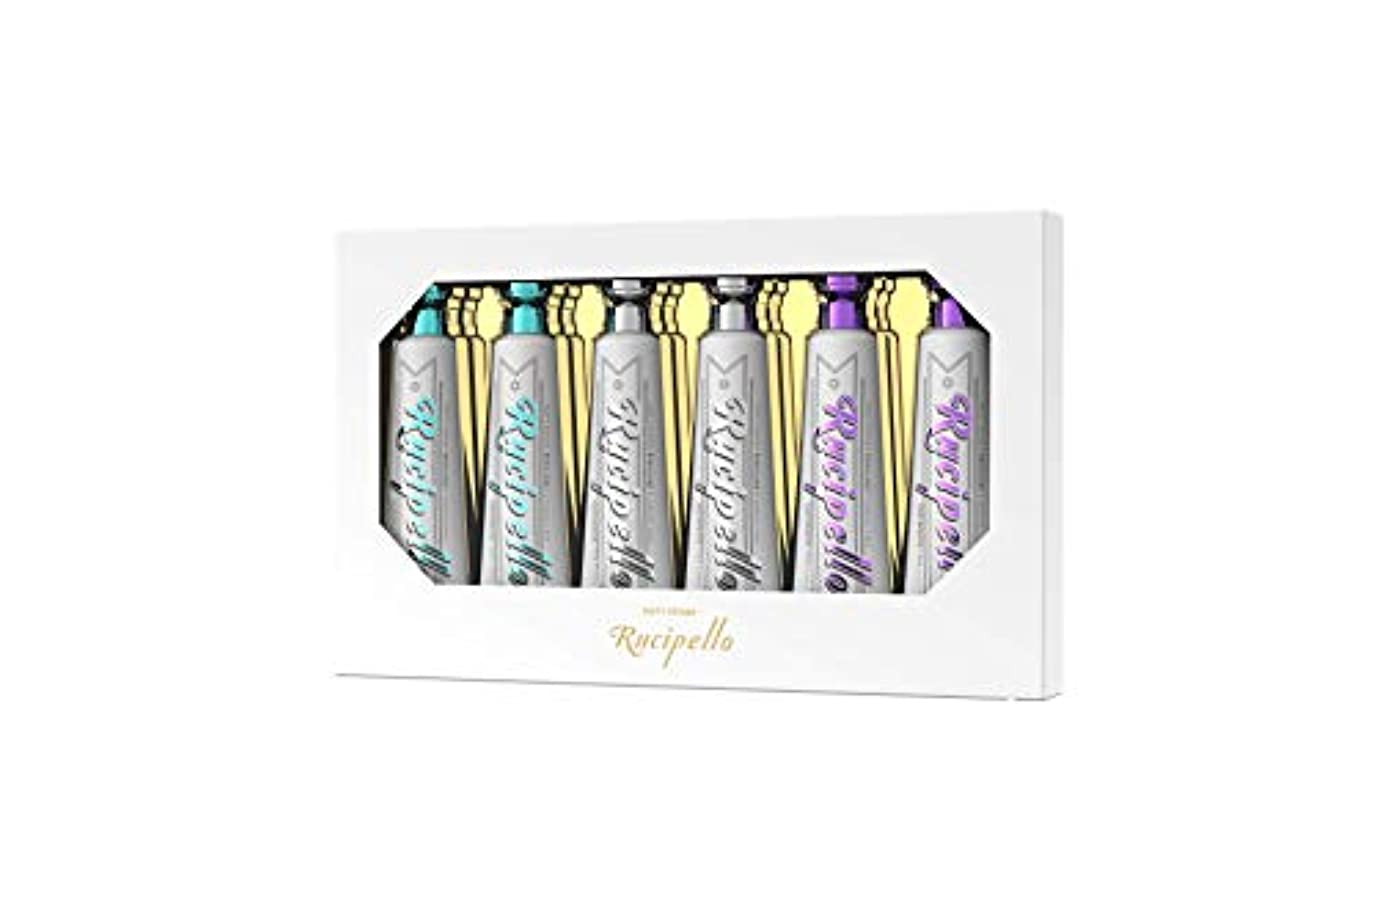 あご機構結晶[ルチペッロ] Rucipello ミニ歯磨き粉6個のプレゼントセット 25g x 6本 (海外直送品)